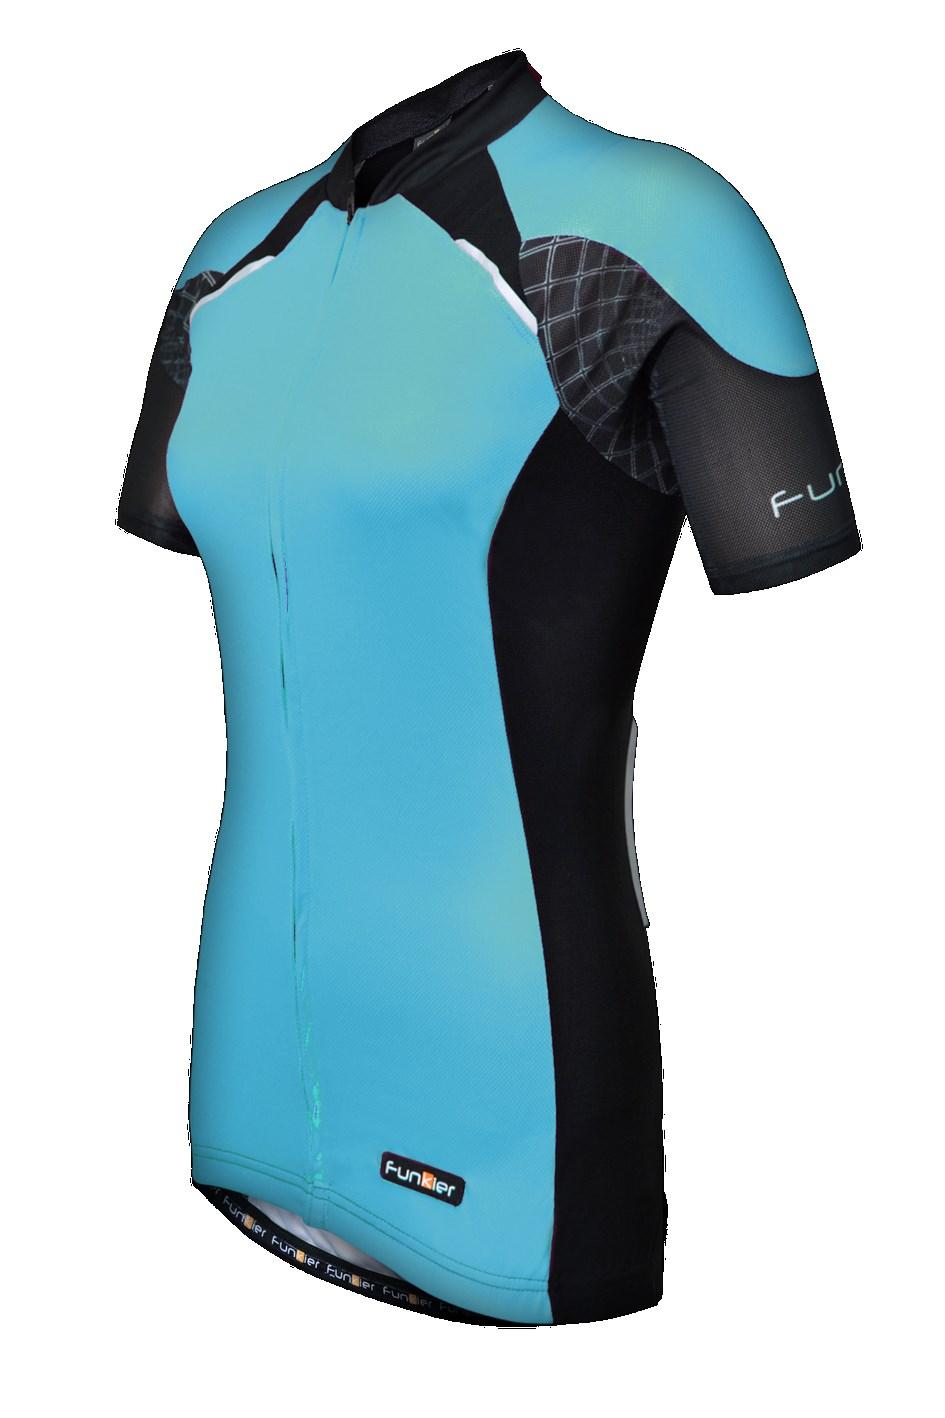 cb5729b49 funkier - Short Sleeve Jerseys for women WJ-730